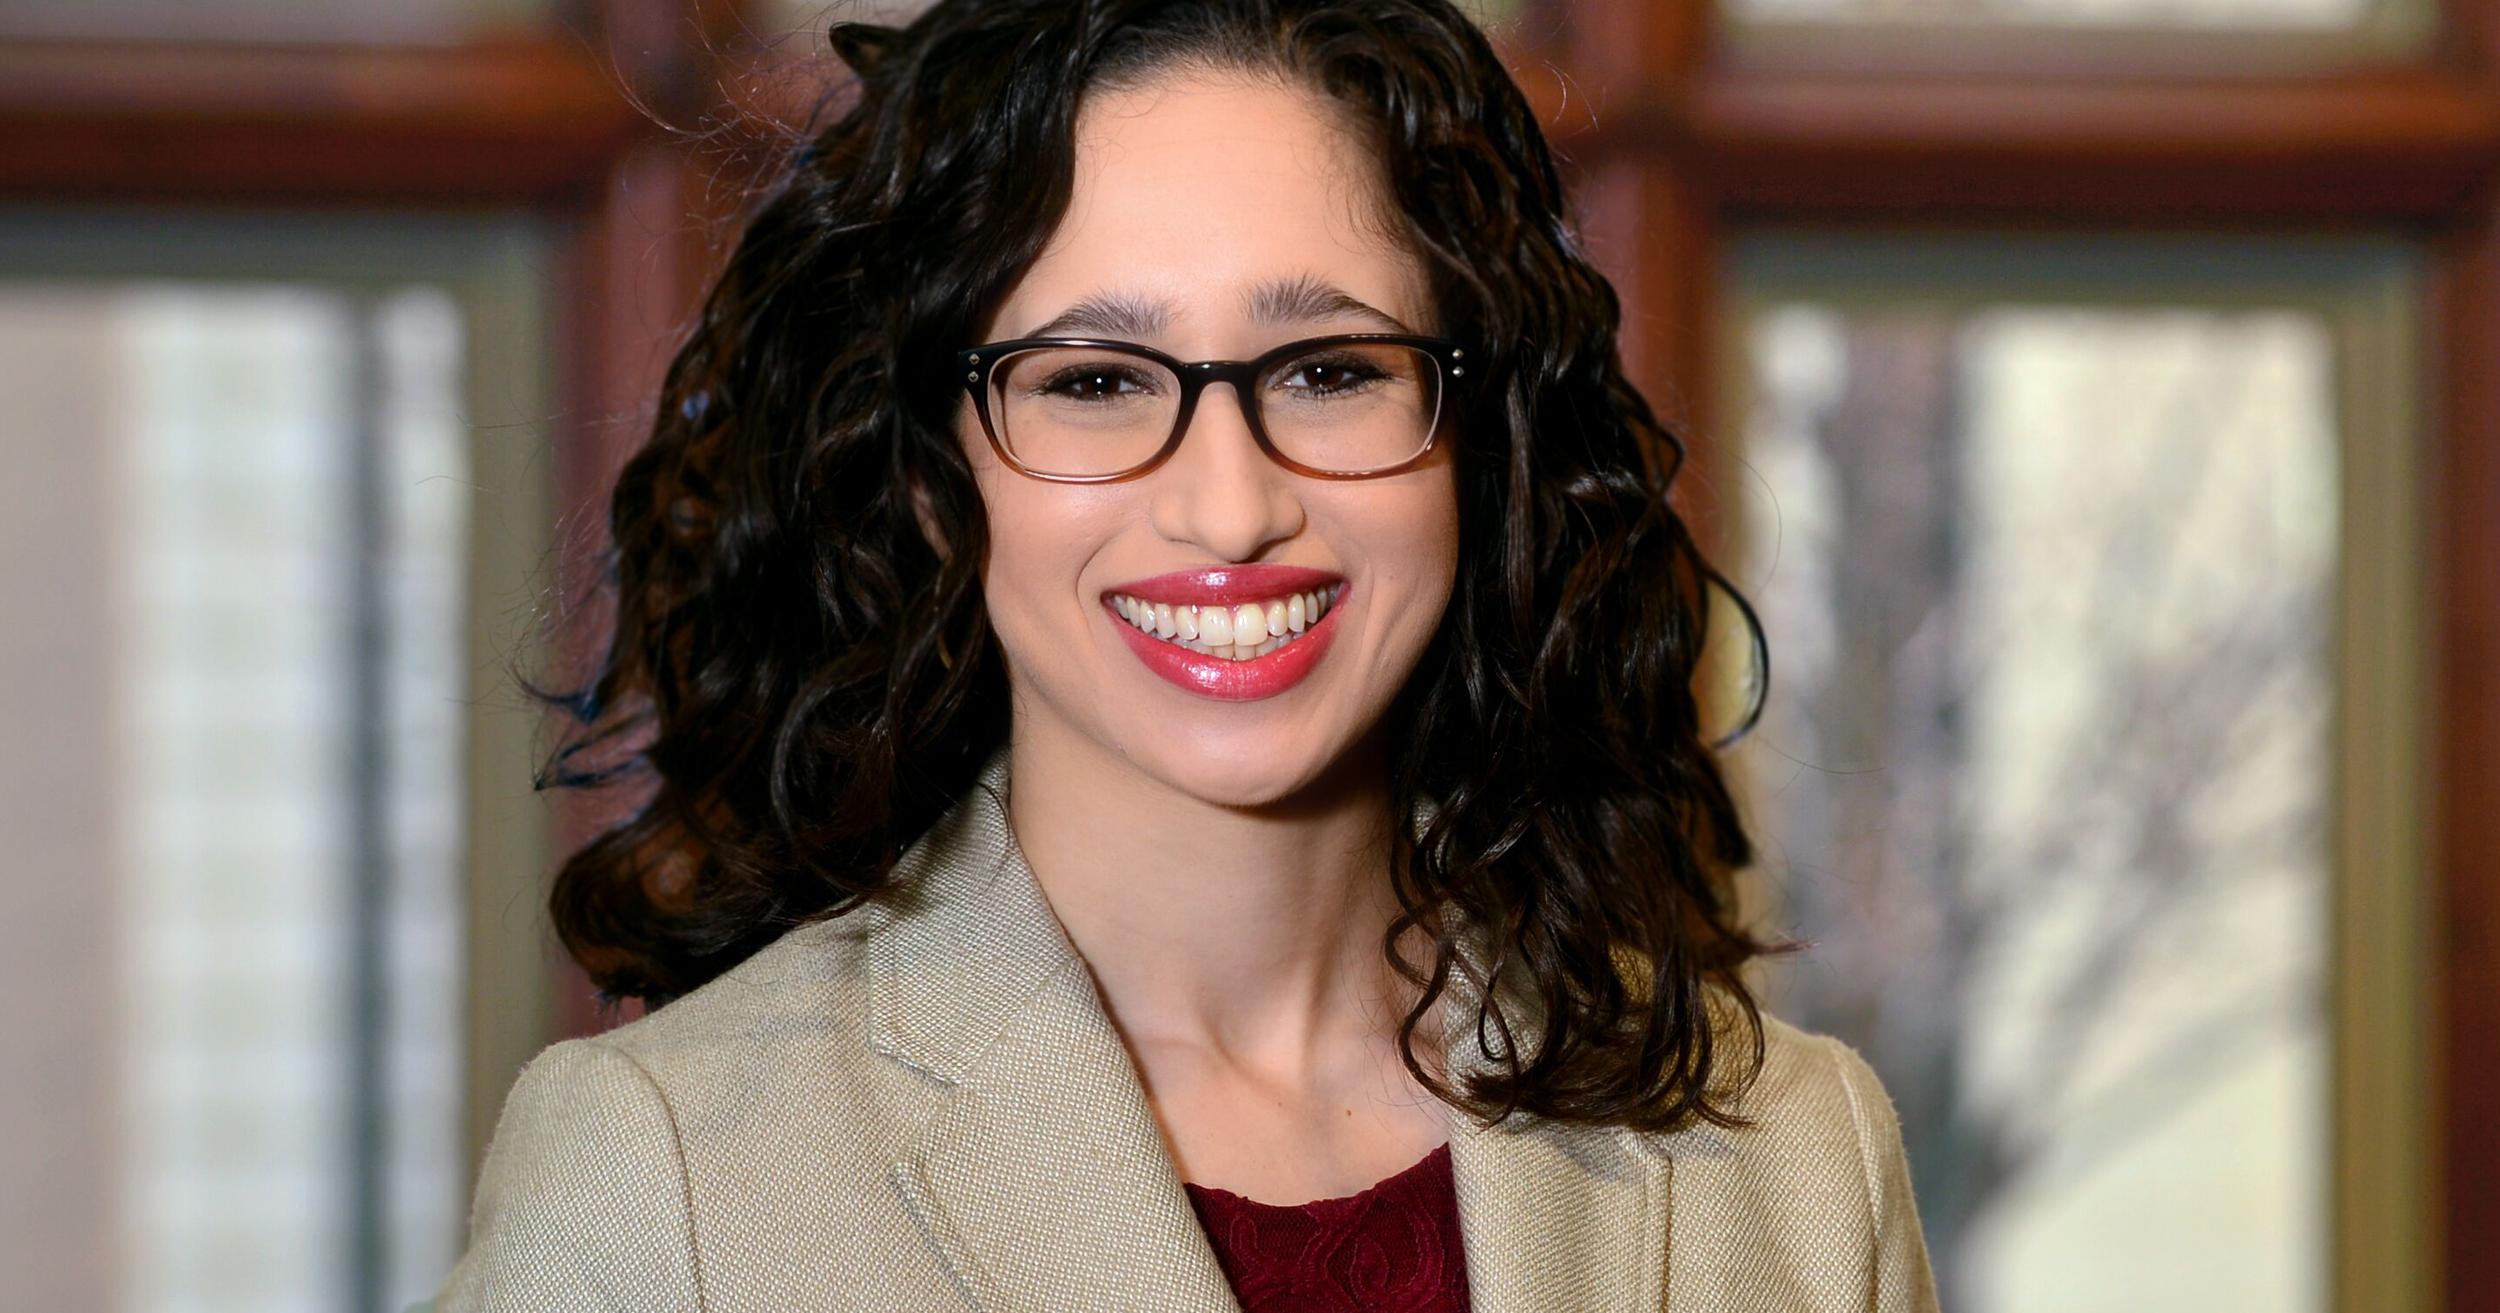 Episode 171: Digesting Judaism - Rachel B. Gross